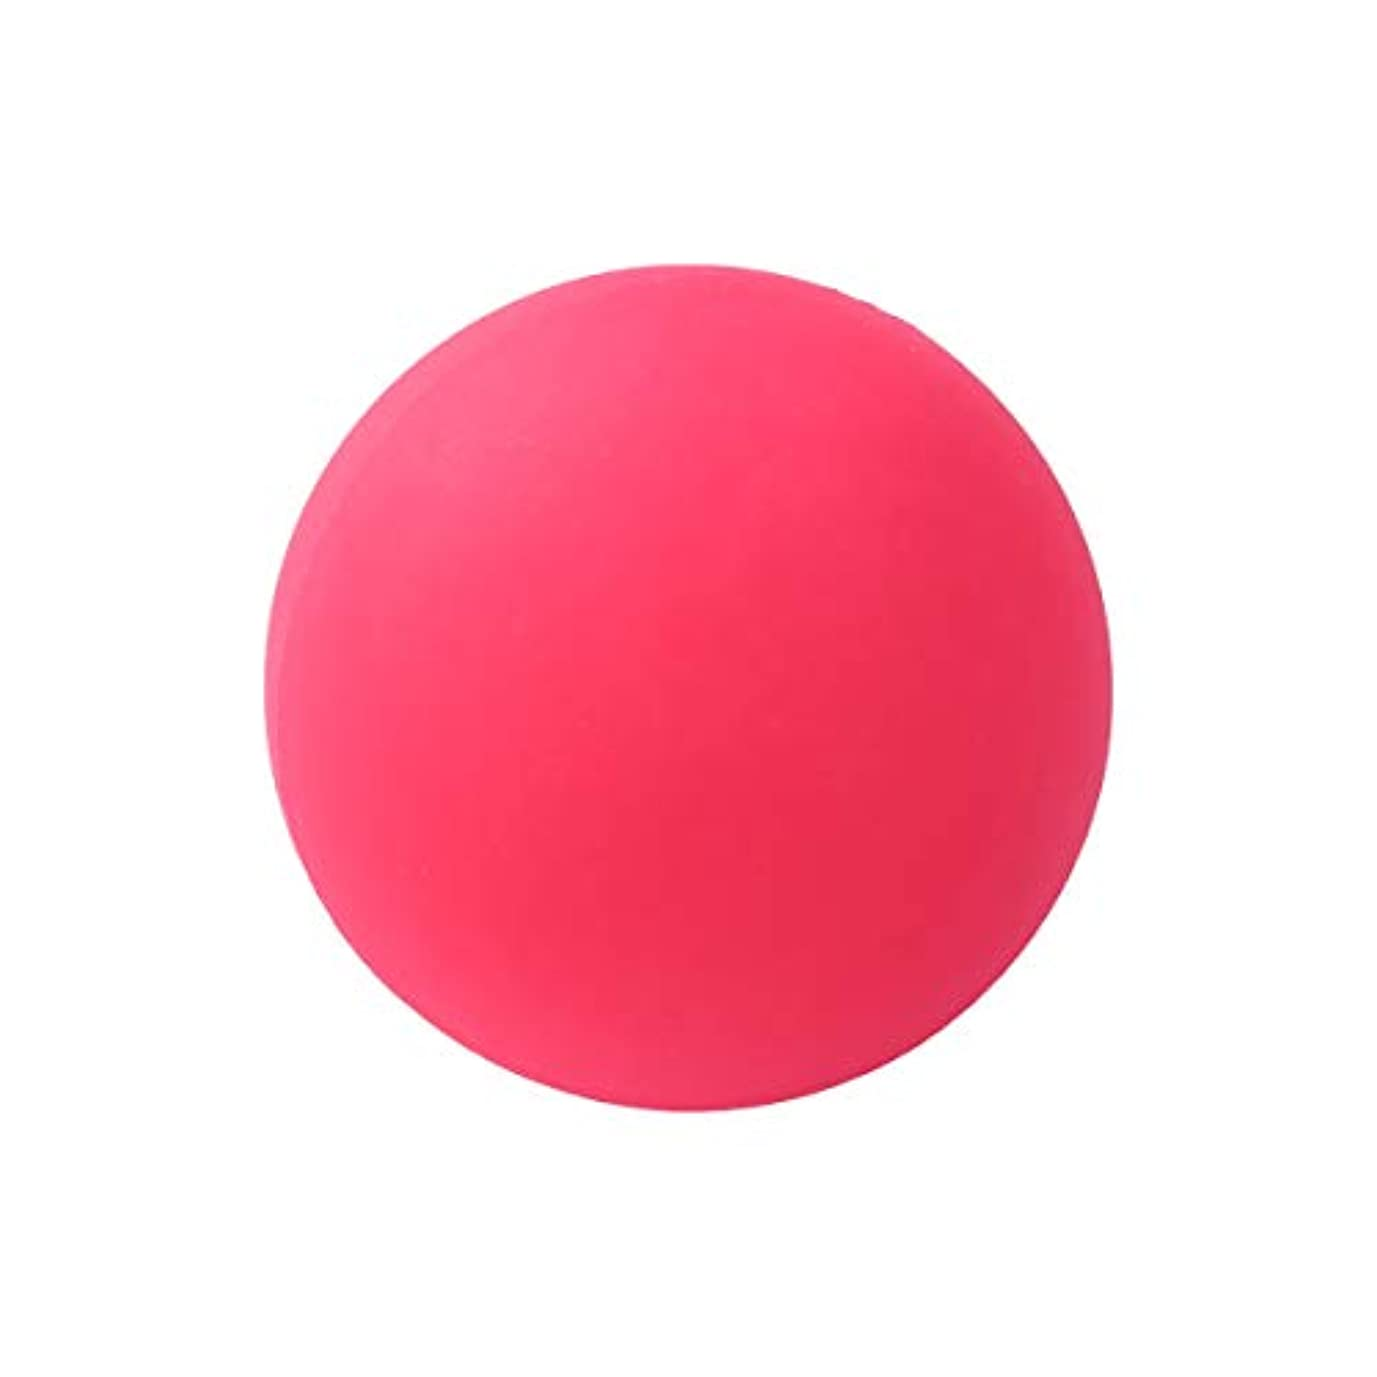 想像力豊かなバーガーびっくりするVORCOOL マッサージボール ヨガ ストレッチボール トリガーポイント 筋膜リリース トレーニング 背中 肩こり 腰 ふくらはぎ 足裏 ツボ押しグッズ 物理 マッサージ 療法ボール